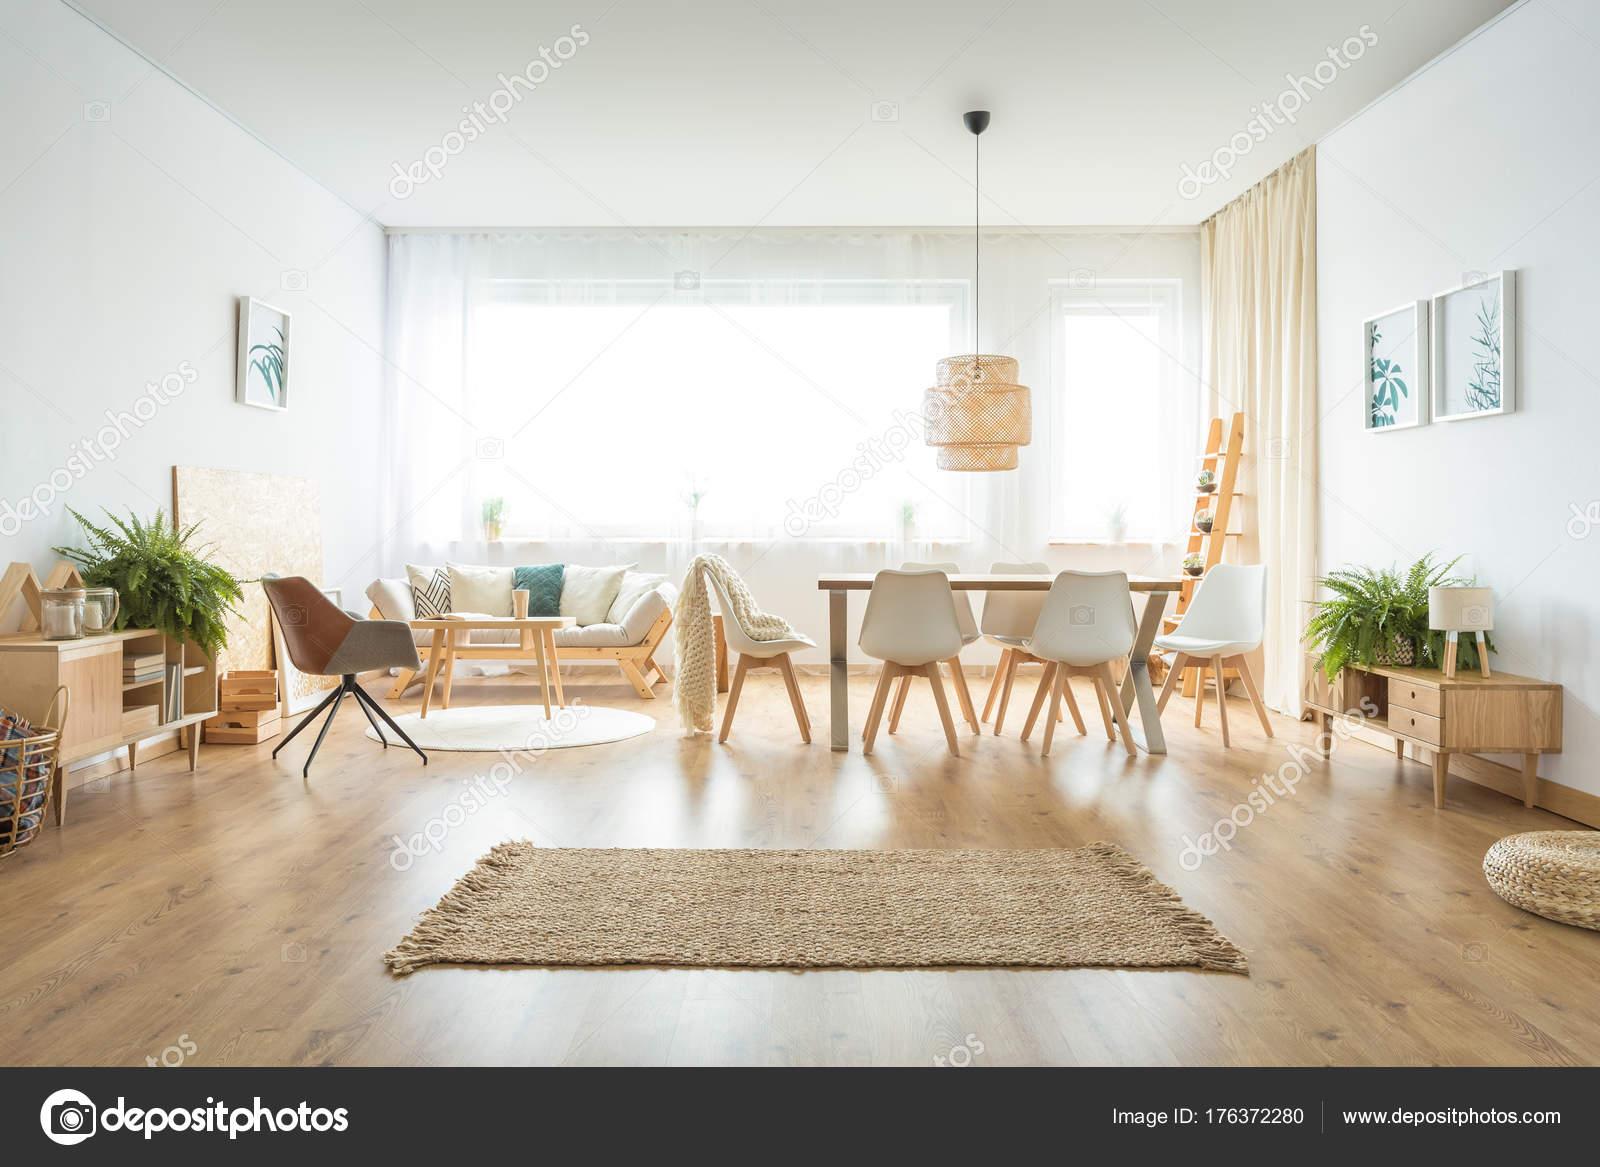 Soggiorno spazioso con tappeto u2014 foto stock © photographee.eu #176372280